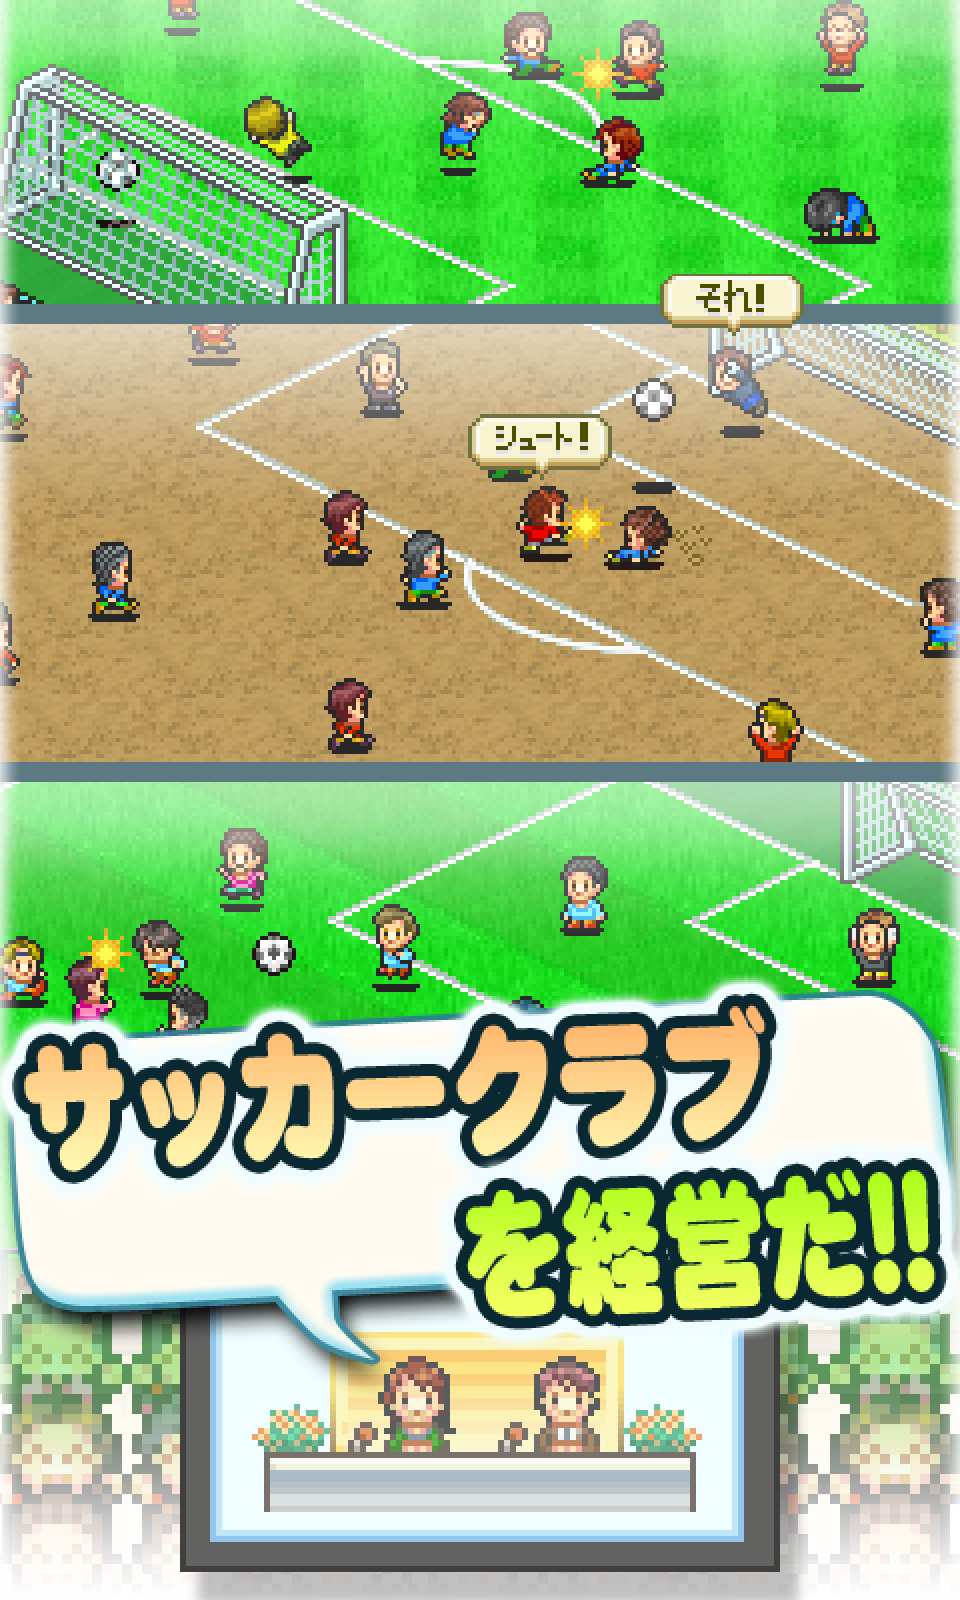 サッカークラブ物語2 screenshot #18